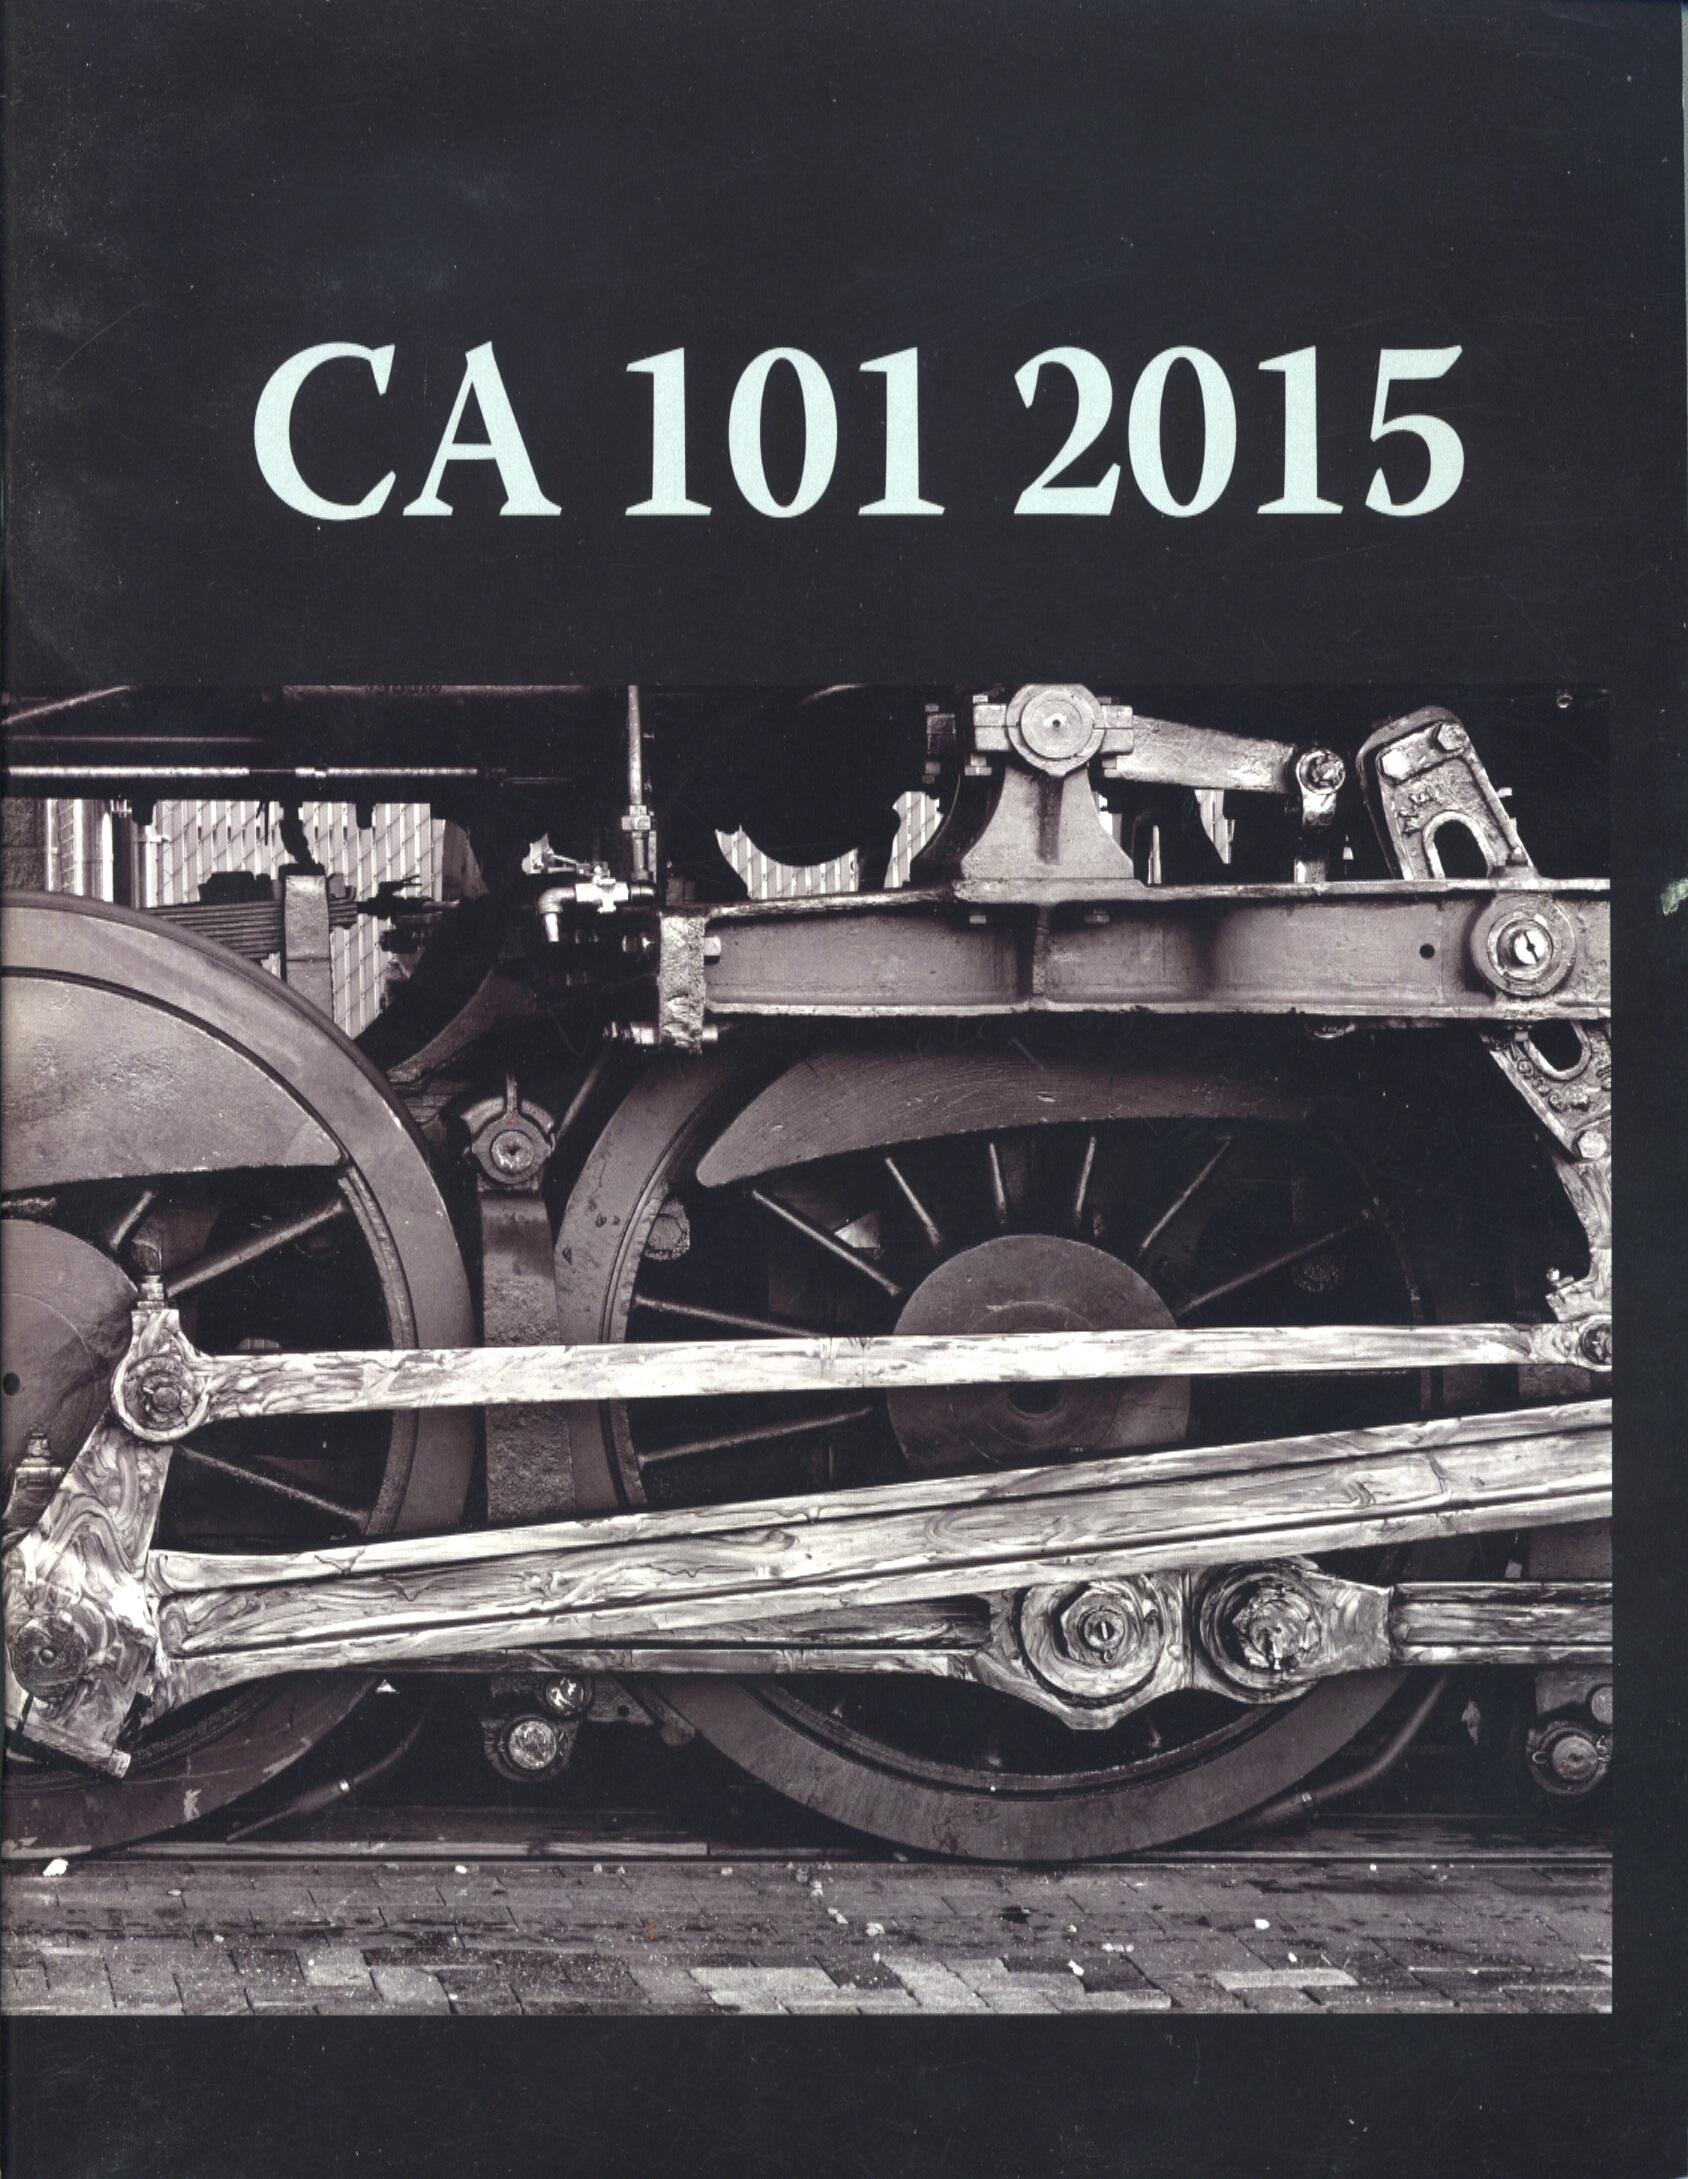 Scan-DannyMcCaw CA101 2015 cat copy 3.jpg